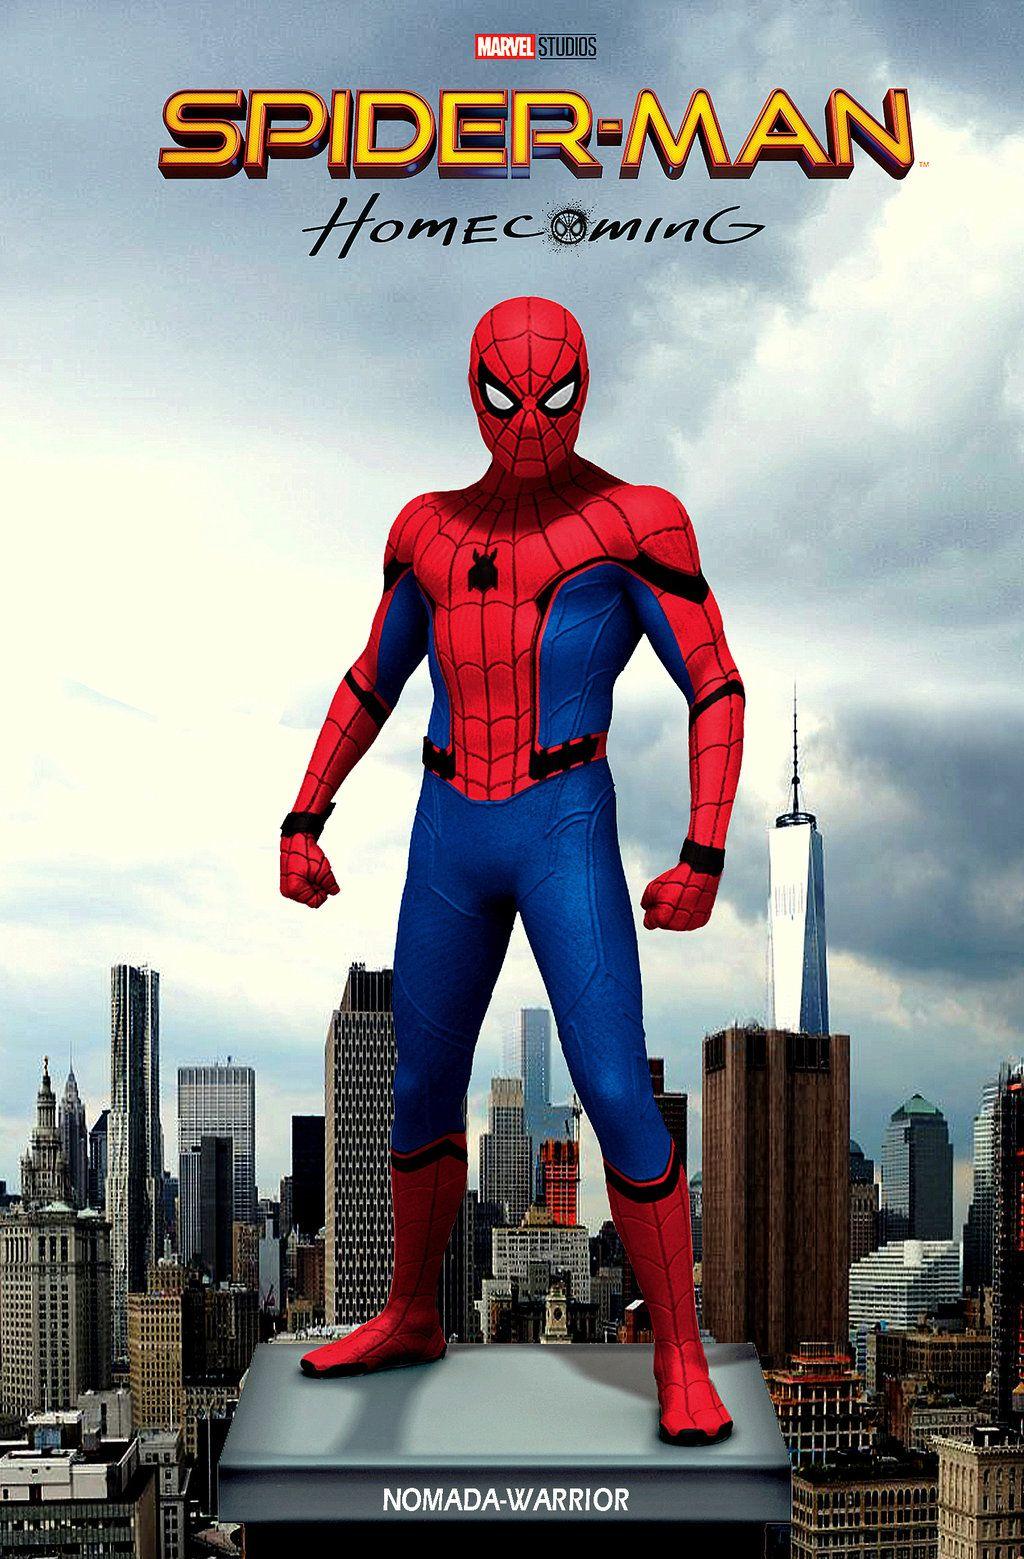 Spider-Man Homecoming (2017) 720p PreDvd x264 Dual Audio [Hindi - English]-Link2download